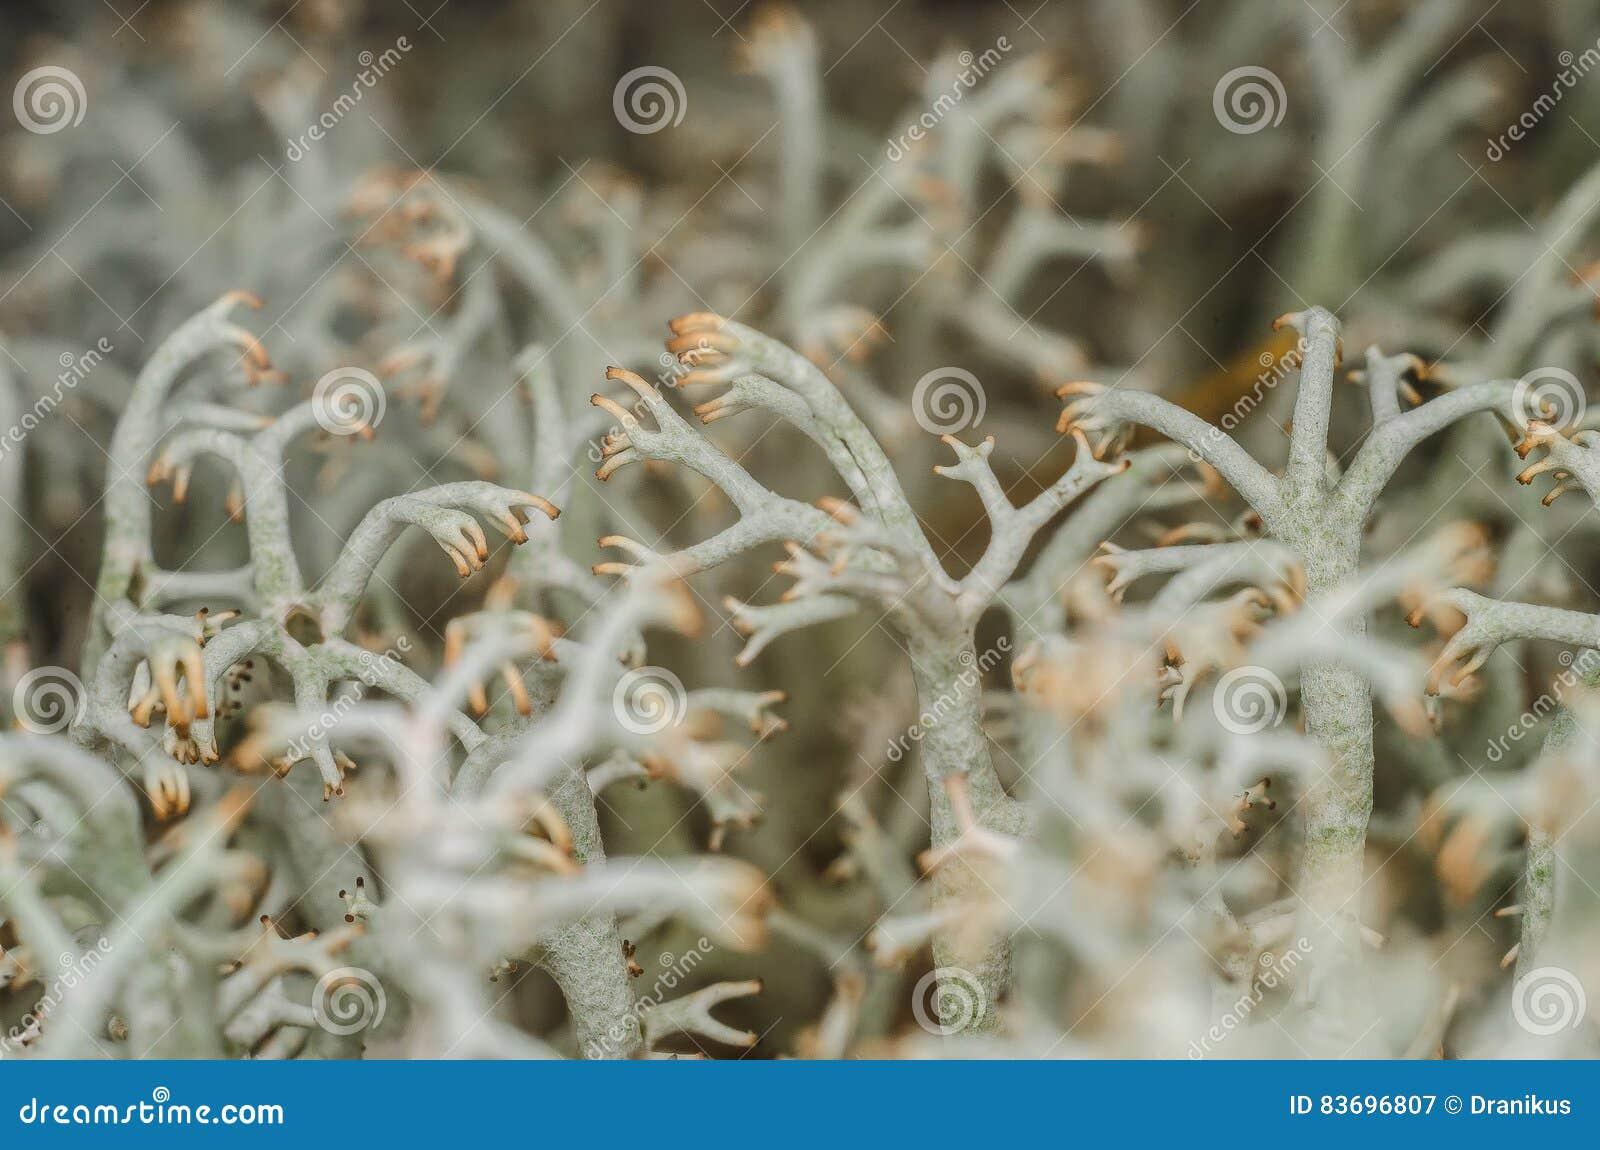 Βρύο, άσπρη λειχήνα, μακρο, θαμνώδης, κορμός, ο Μπους, εγκαταστάσεις, σώμα, φύση, υπαίθρια, δάσος